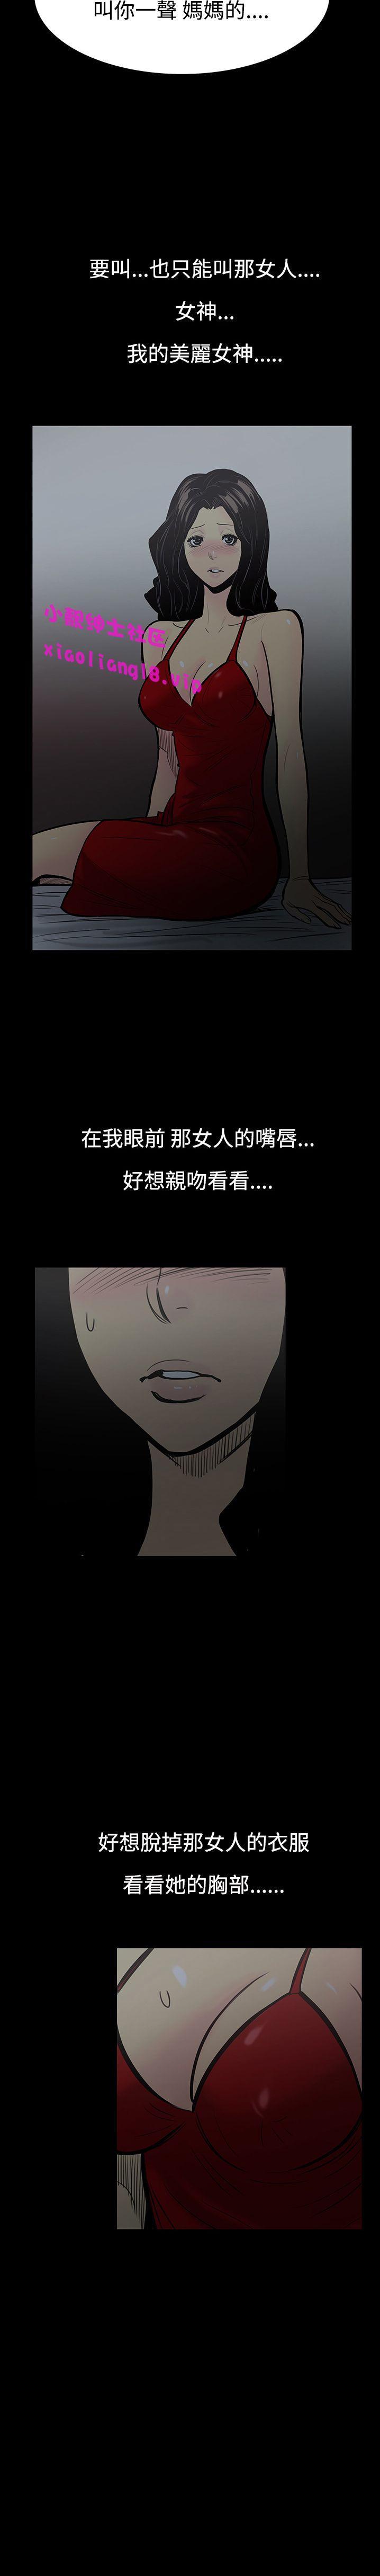 中文韩漫 無法停止的甜蜜關係 Ch.0-12 36